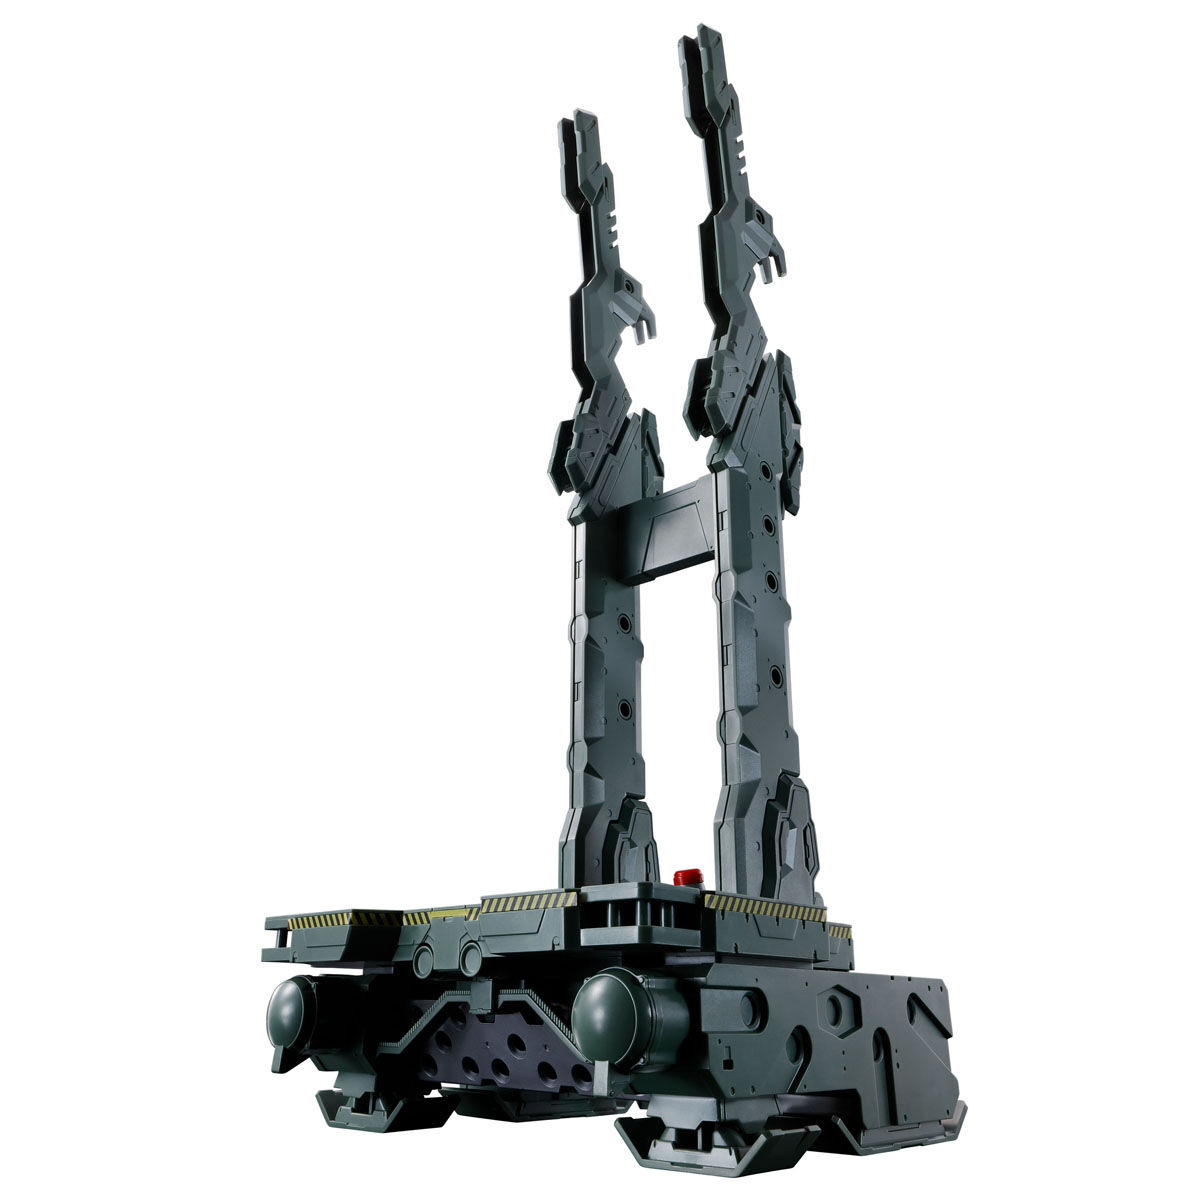 RG Evangelion Restraint / Transport Platform SET [Mar 2022 Delivery]